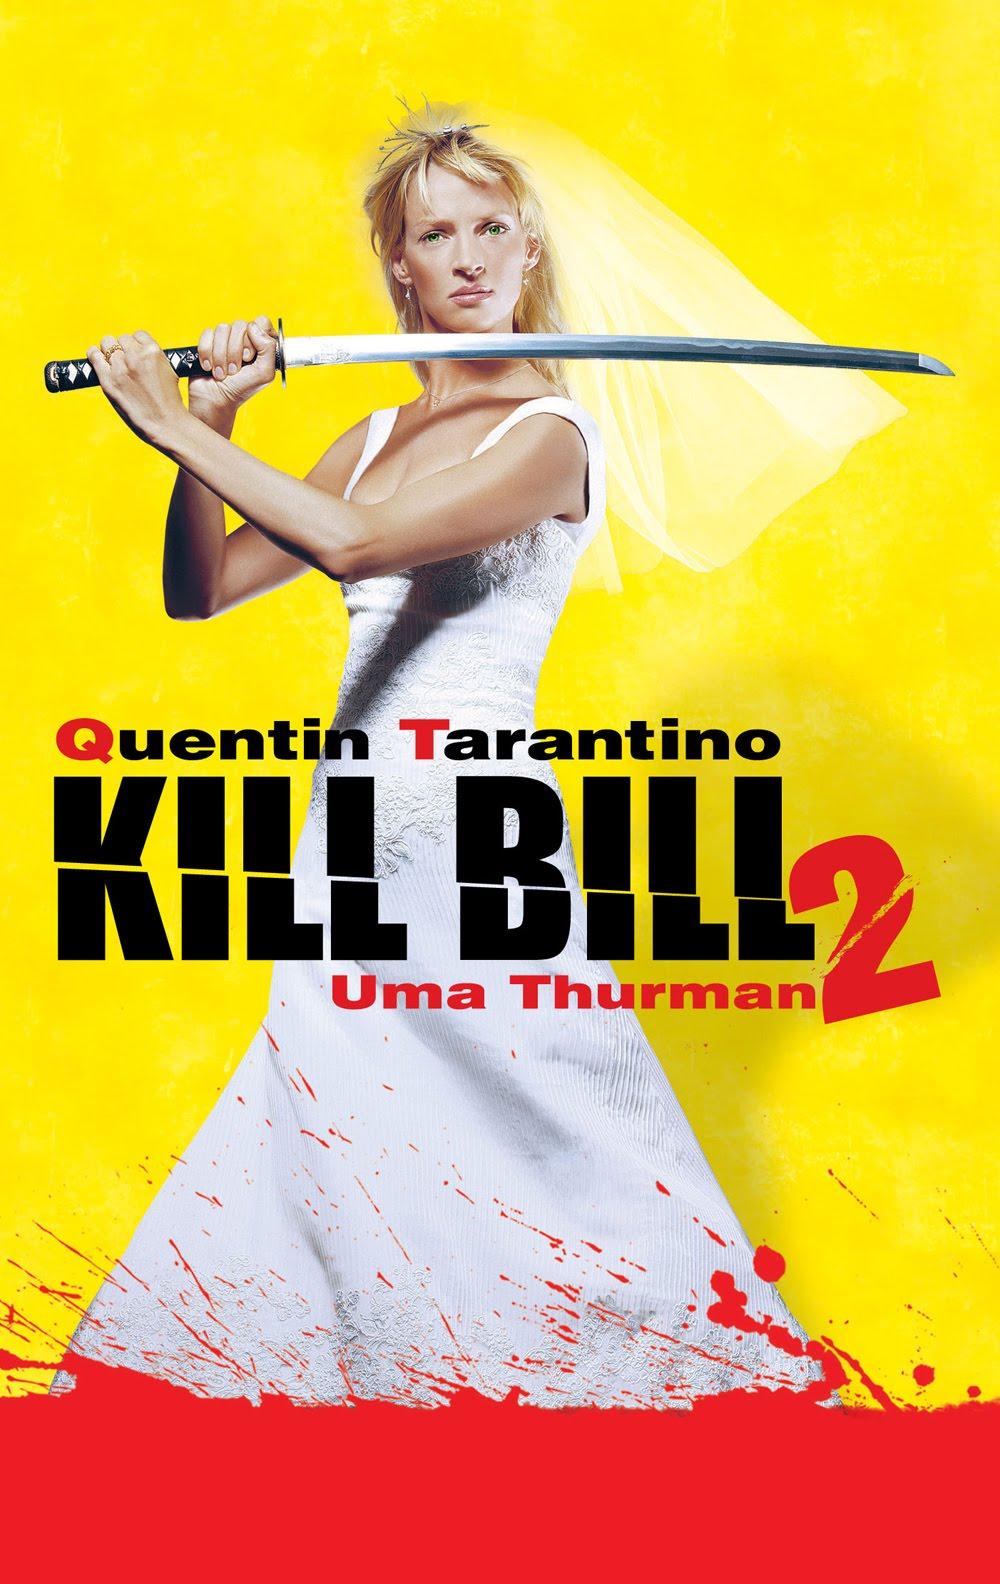 Kill Bill Vol 2 2004 Mpdb